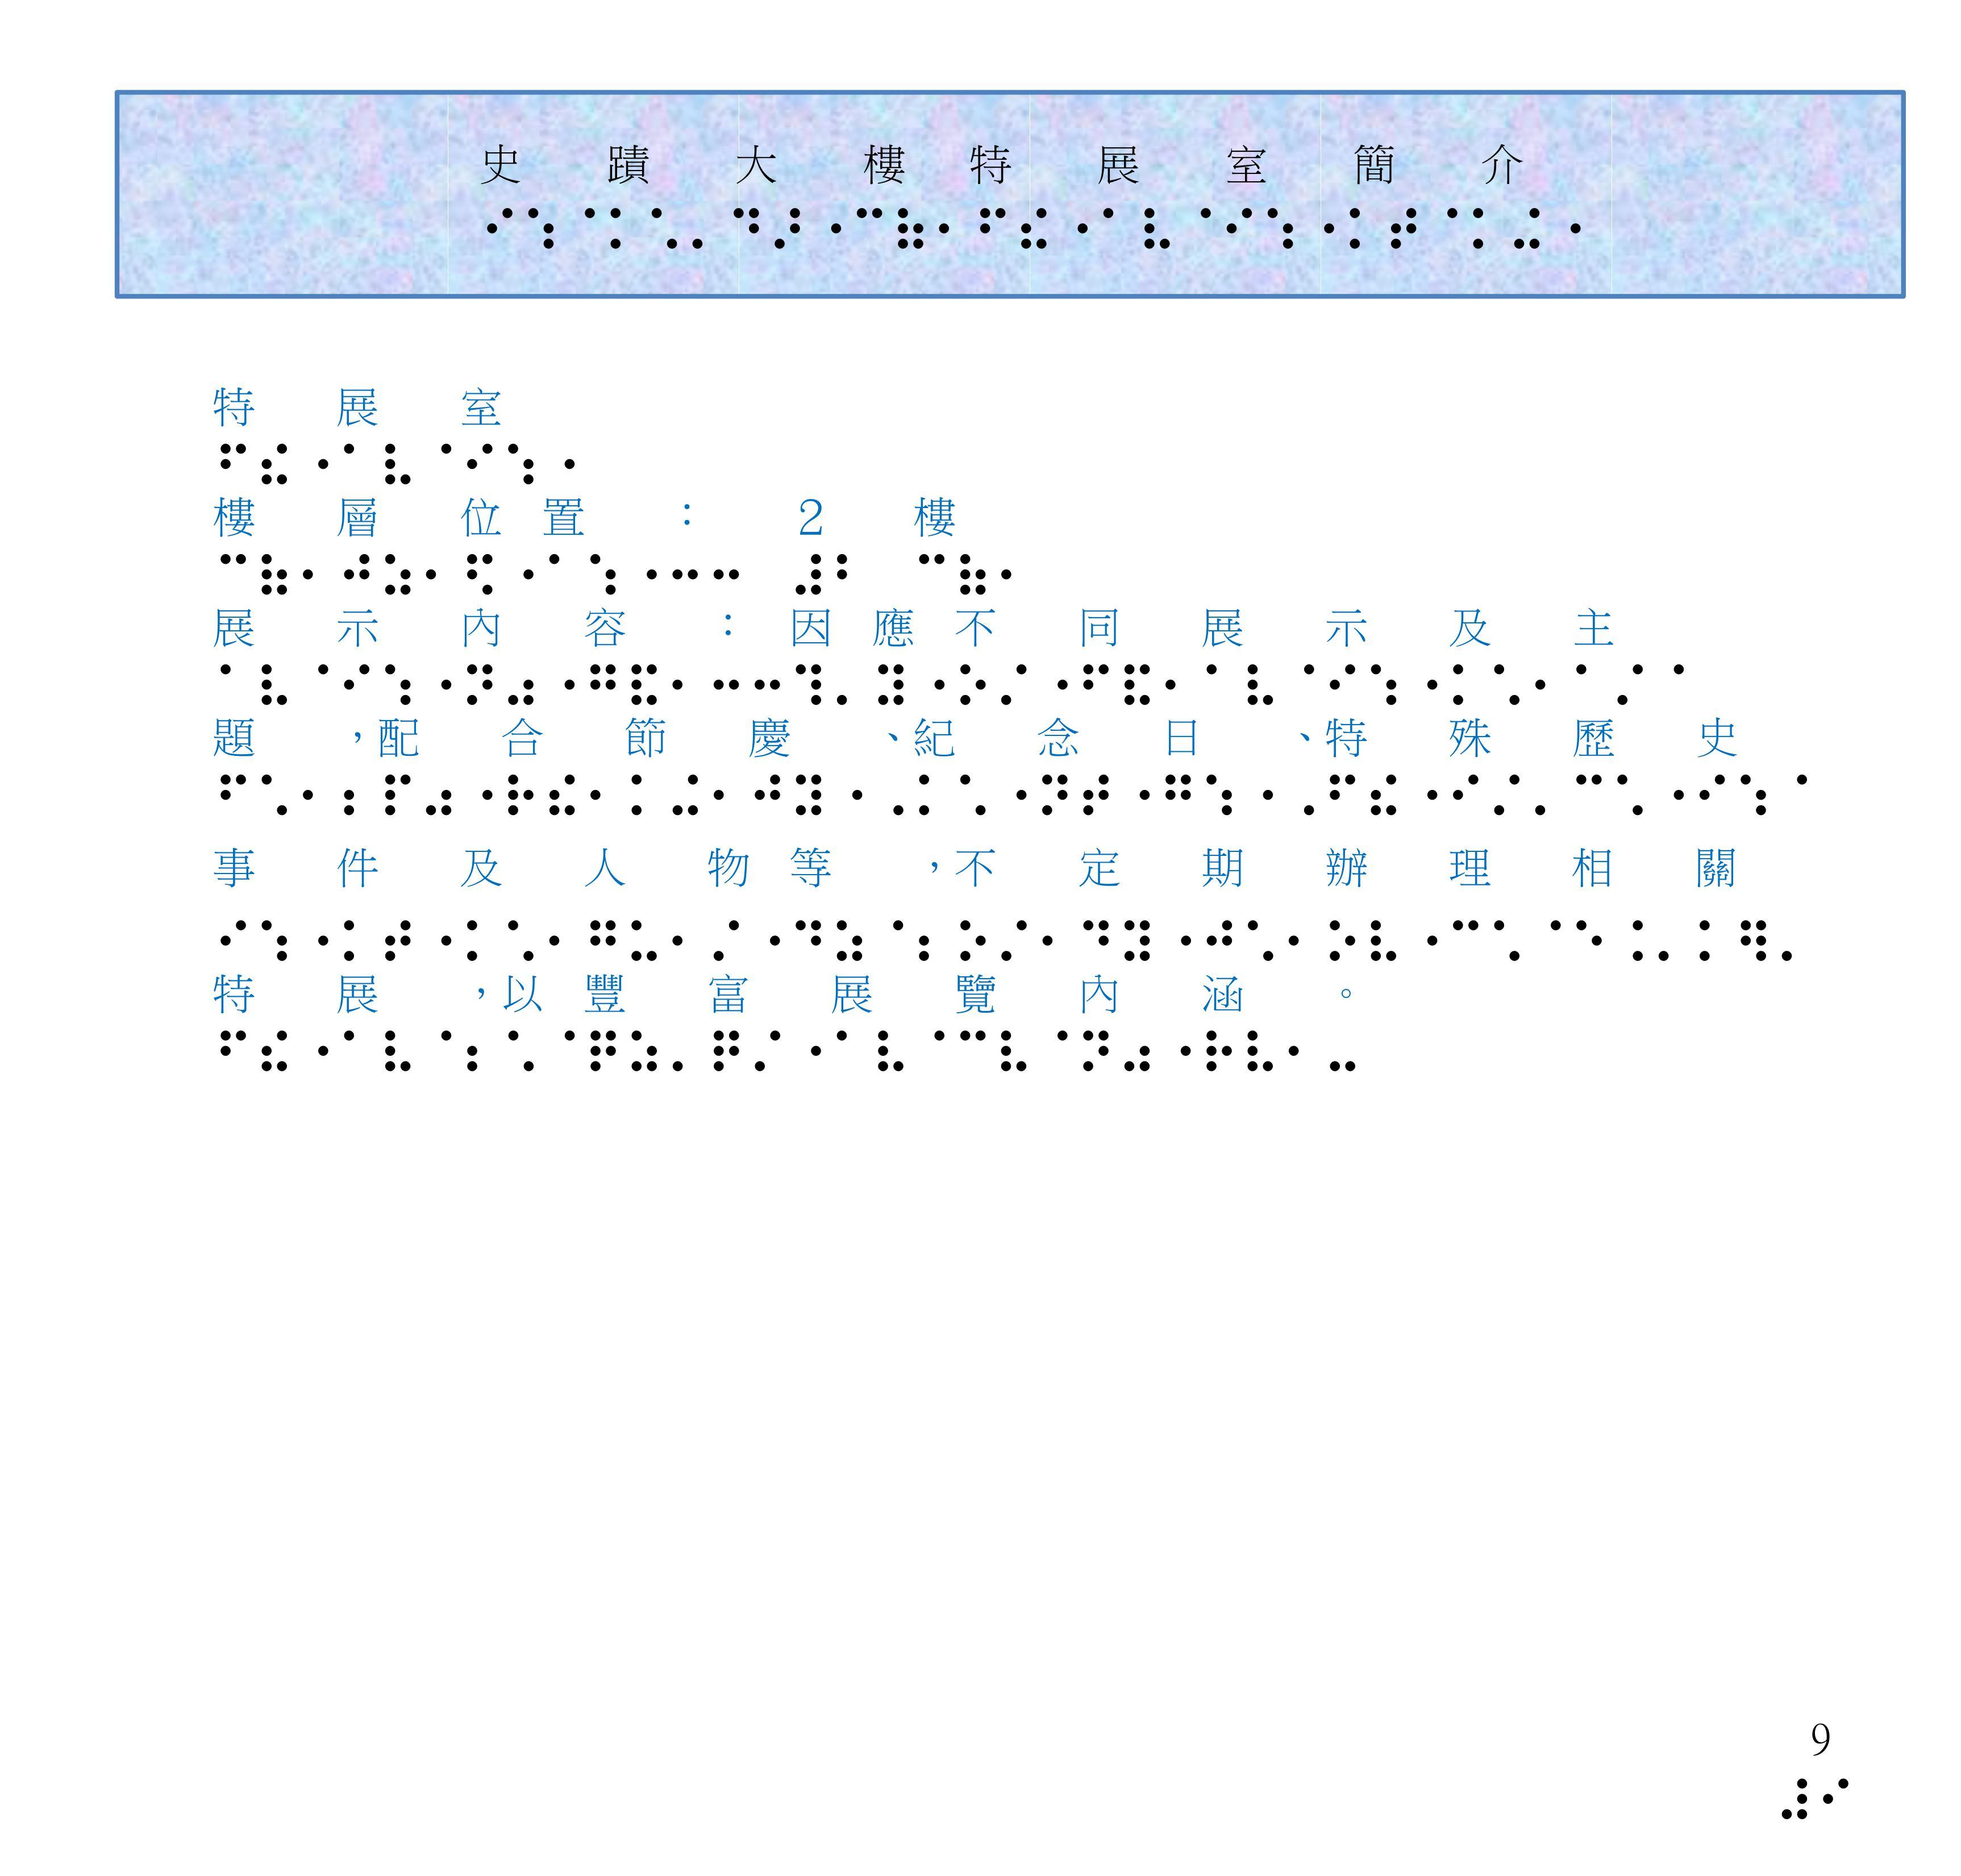 史蹟大樓視障導覽點字書簡介第9頁,含總說明共108個字